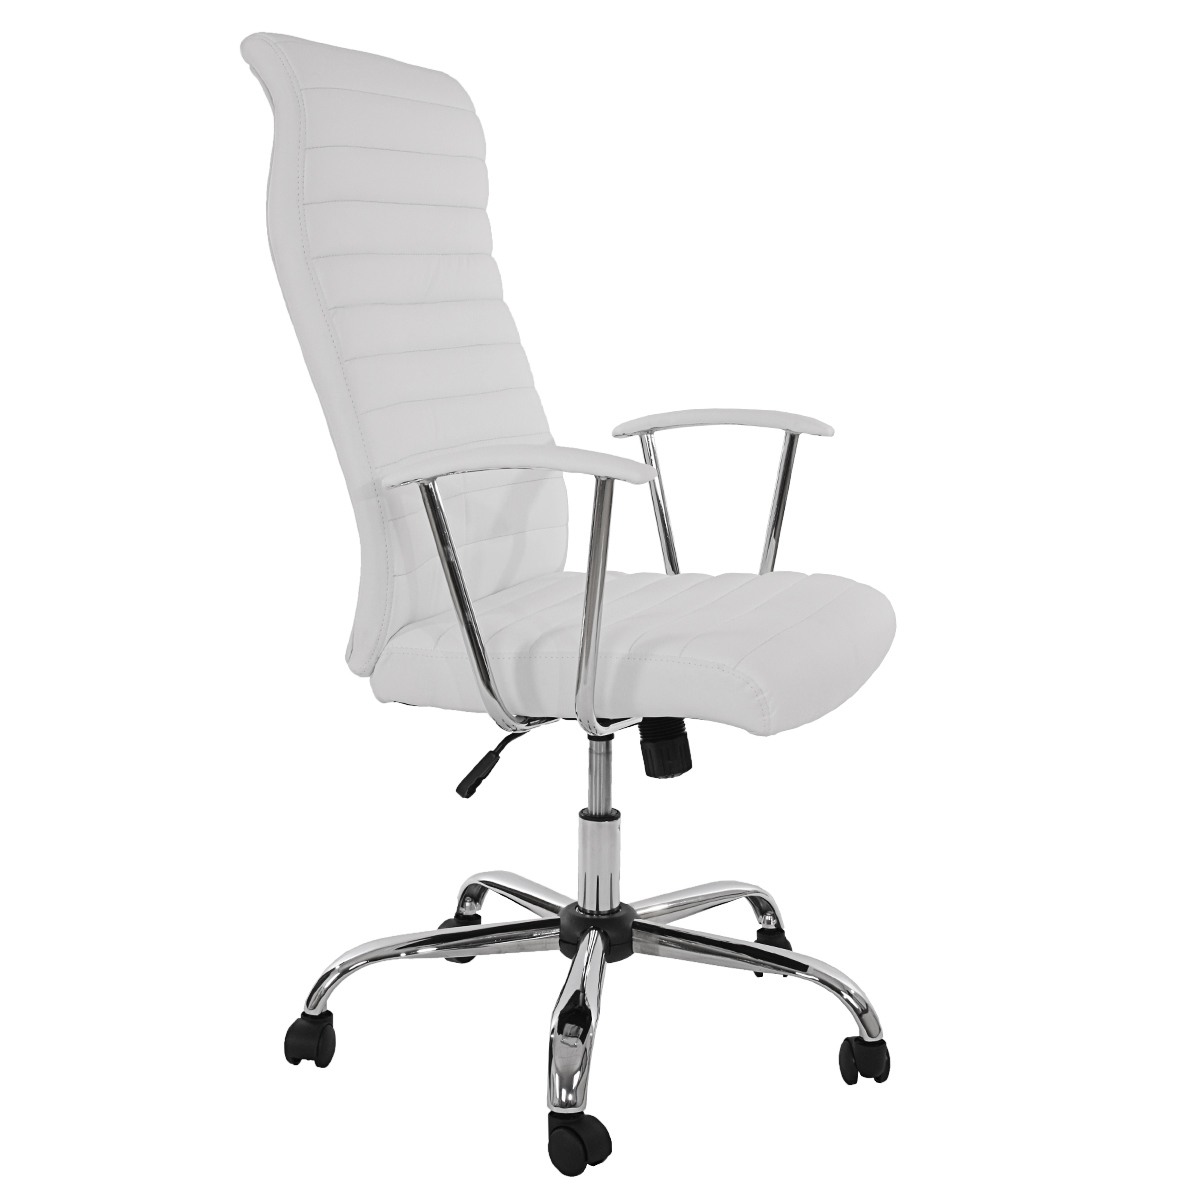 Ergonomischer bürostuhl weiß  Bürostuhl Drehstuhl Chefsessel Cagliari, ergonomische Form ~ weiss ...